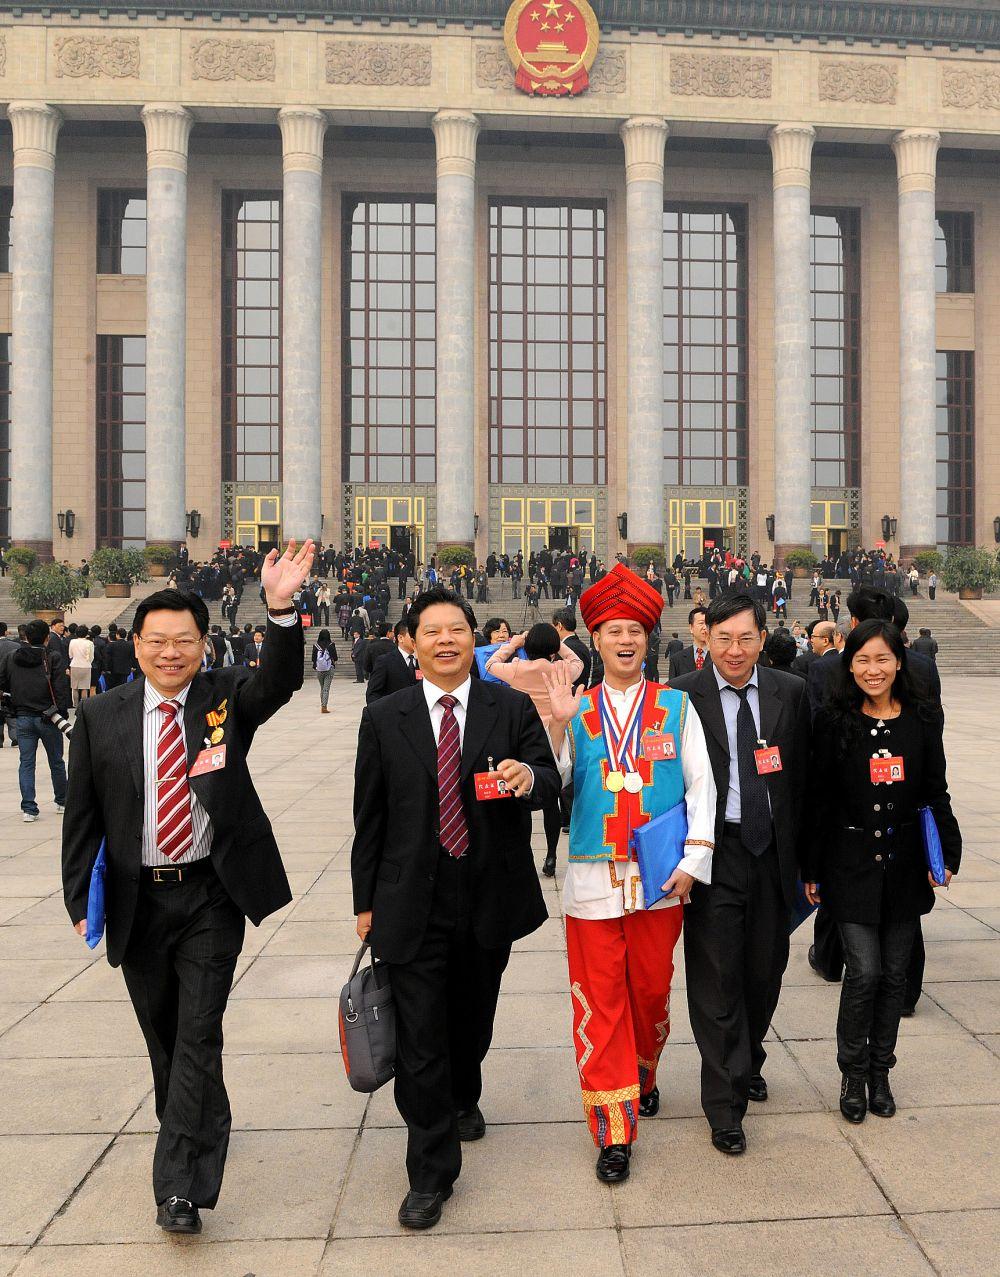 市人大常委會副主任、市總工會主席朱挺青、廣東百業投資集團董事長鐘期等中國工會十六大代表走出會場 (1)